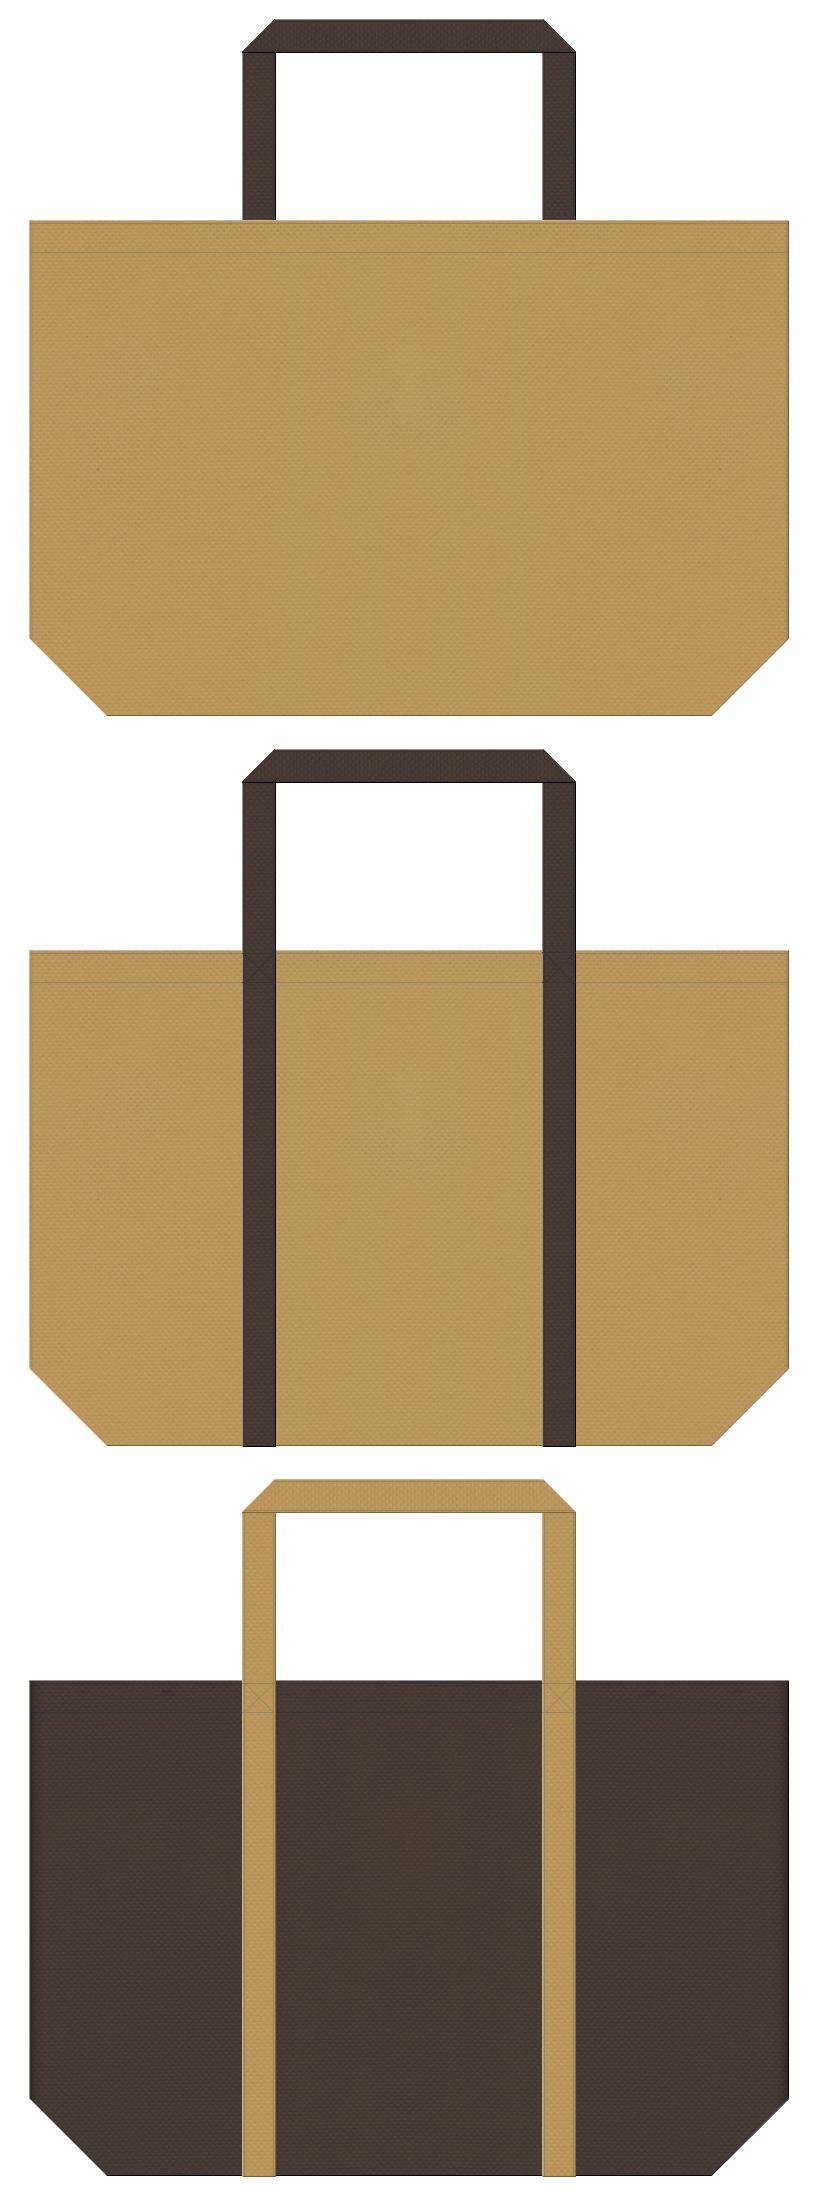 ロッジ・山小屋・ログハウス・住宅展示場・木材・日曜大工・工作教室・DIY・味噌・芋焼酎・料亭・鉄板焼き・石釜パン・レンガ・黒パン・コーヒーロール・カフェ・ベーカリーのショッピングバッグにお奨めの不織布バッグデザイン:マスタード色とこげ茶色のコーデ